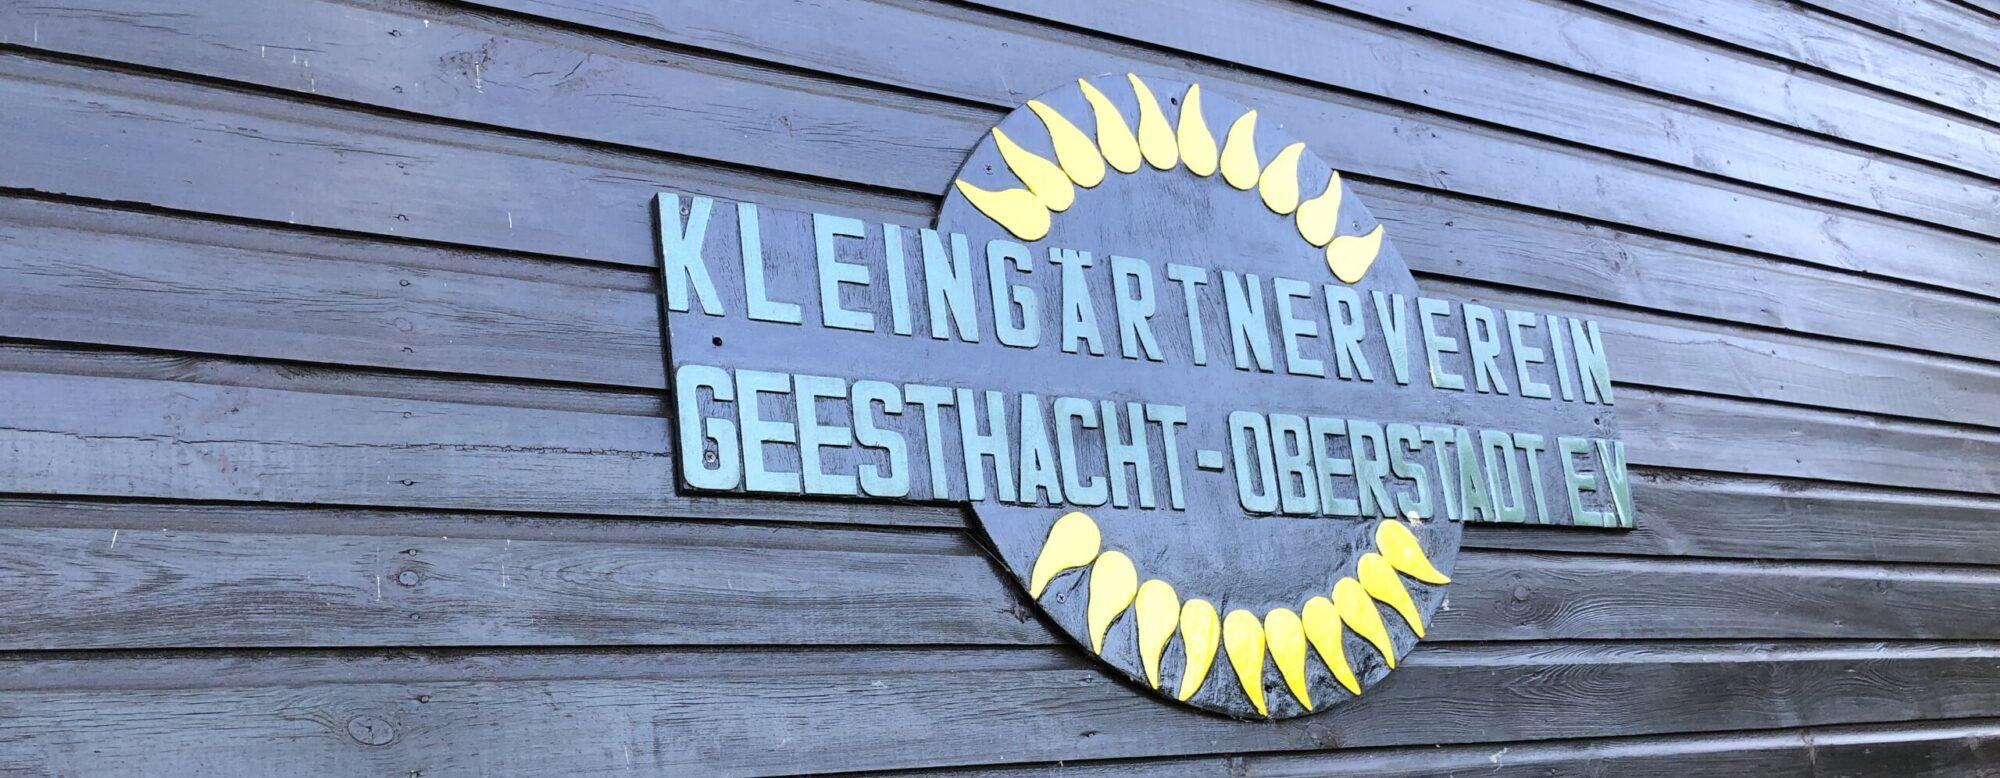 KGV Geesthacht-Oberstadt